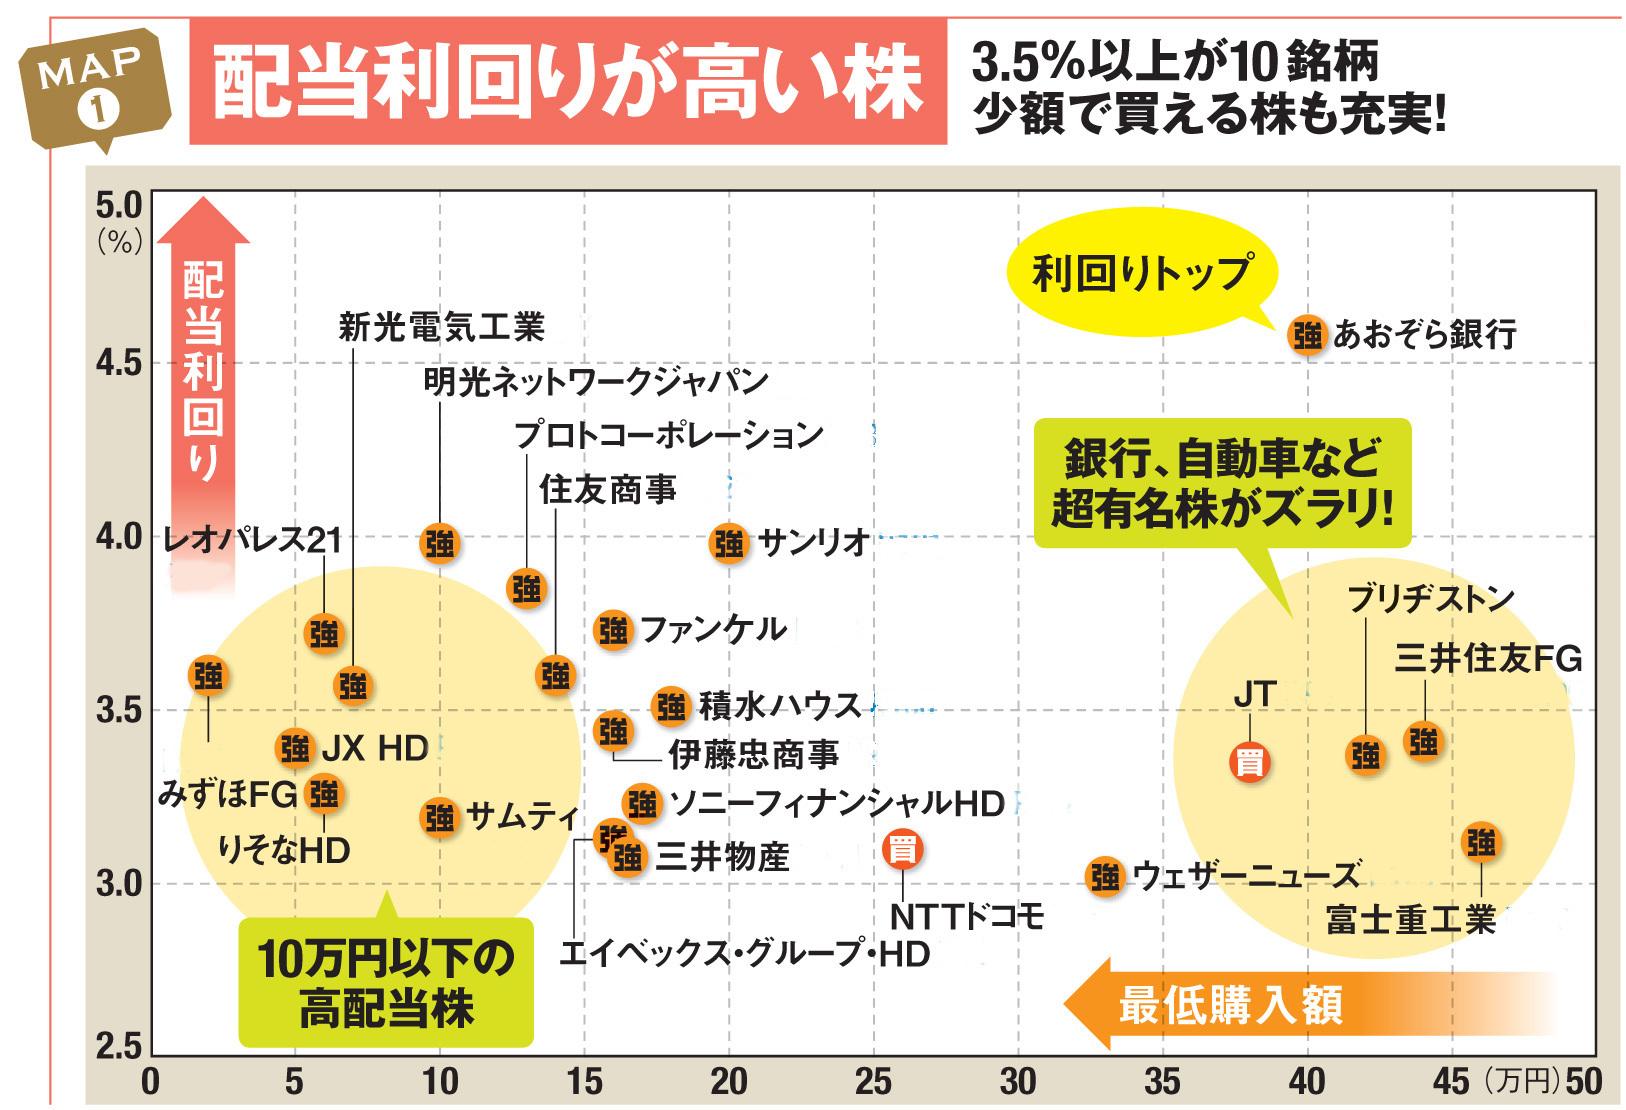 の みずほ 株価 グループ フィナンシャル